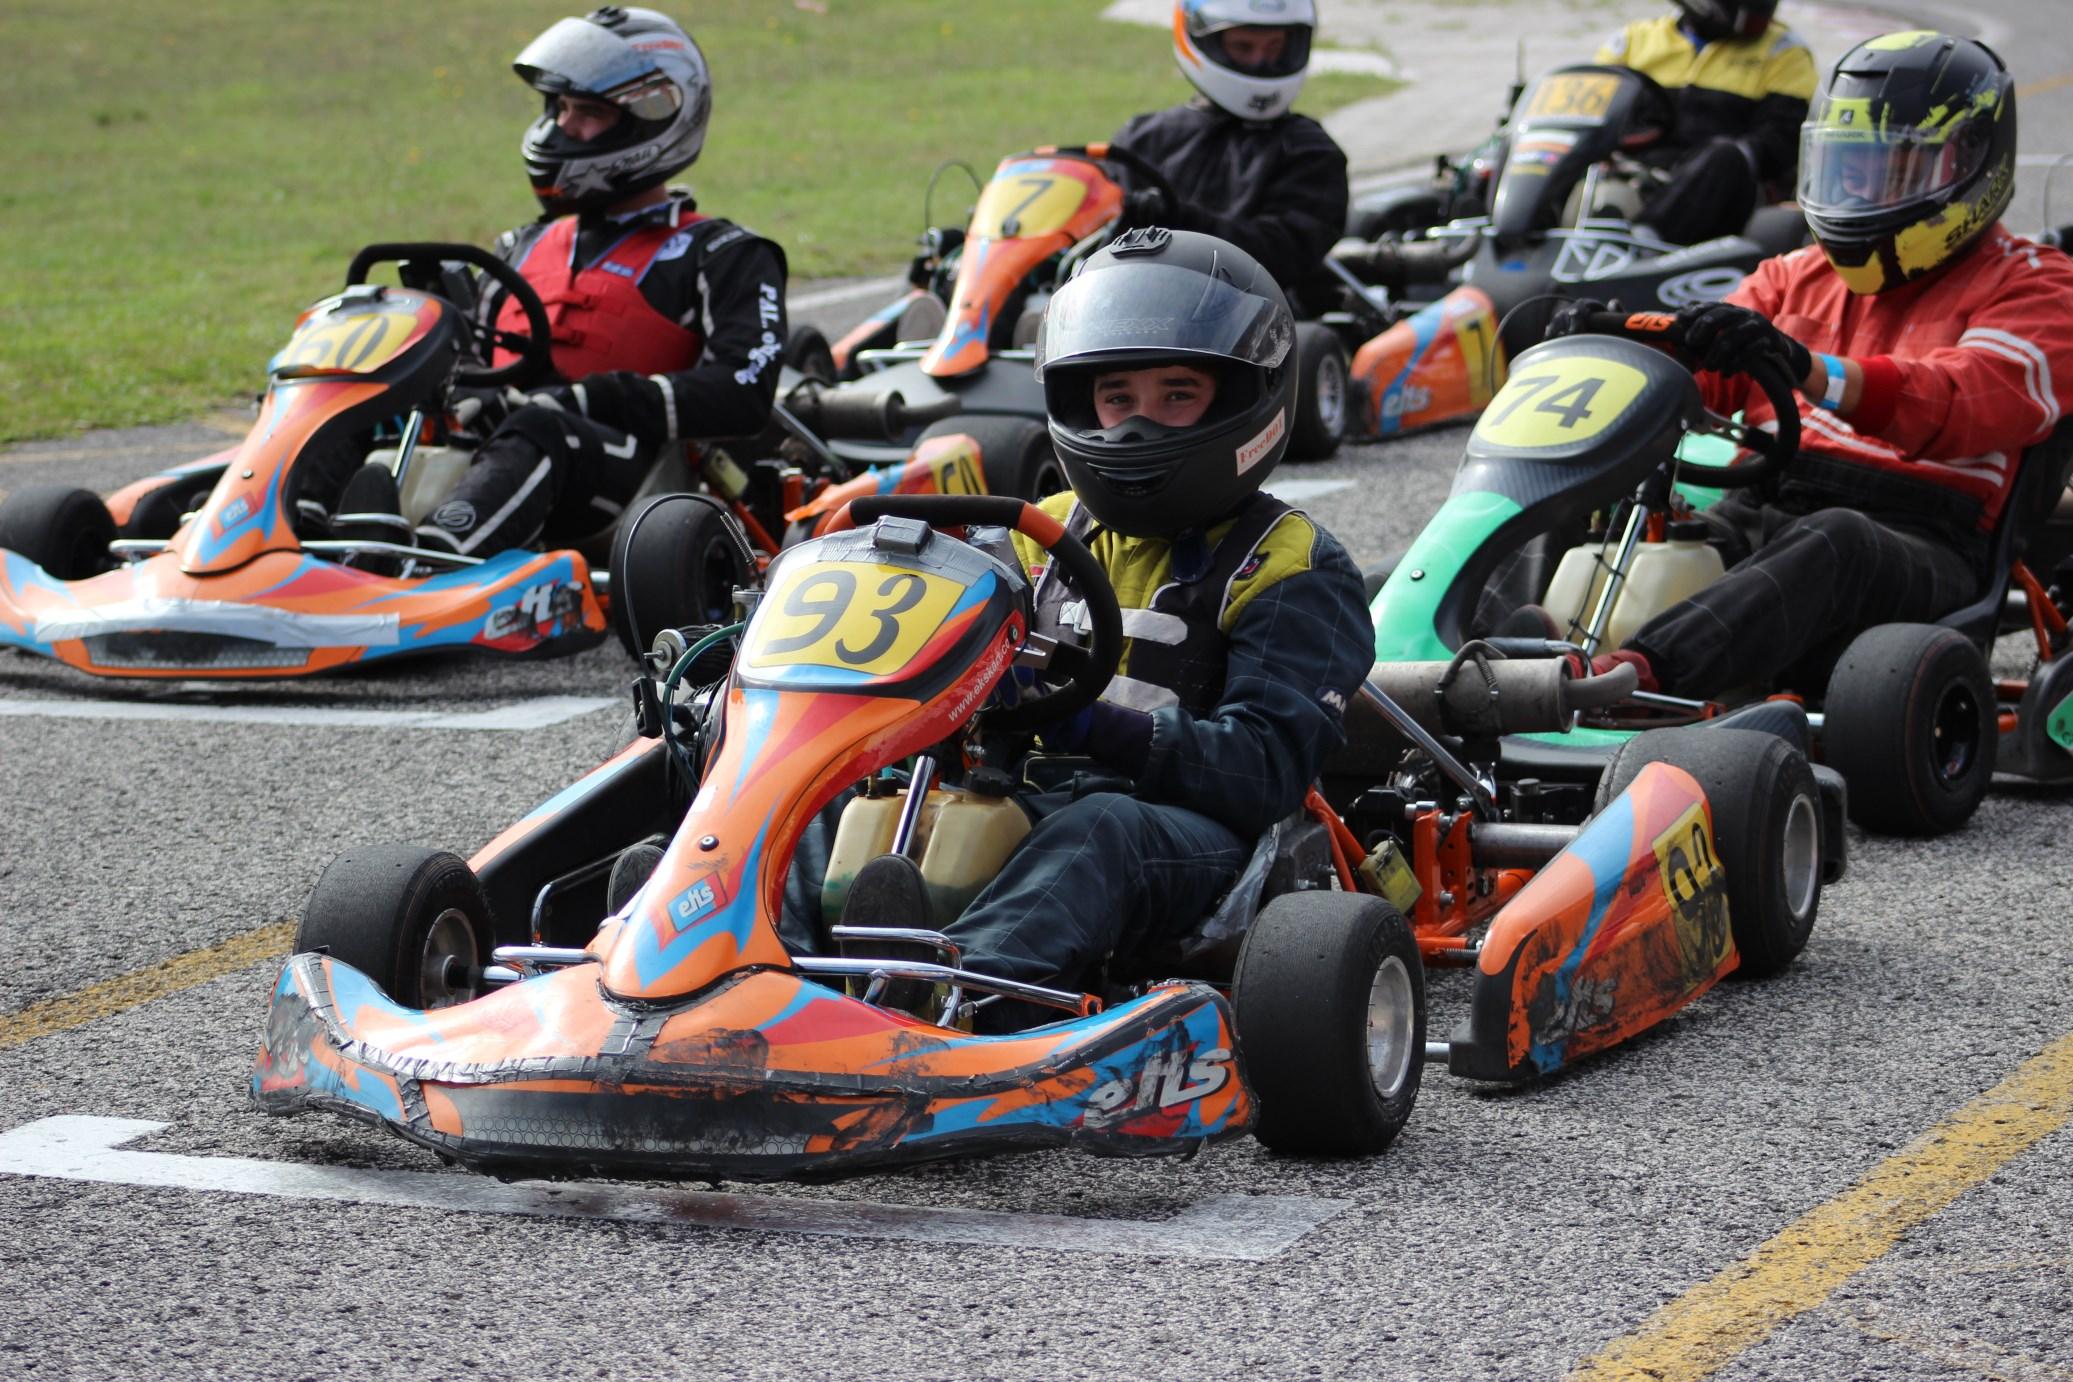 Troféu Honda 2014 - 4ª Prova191